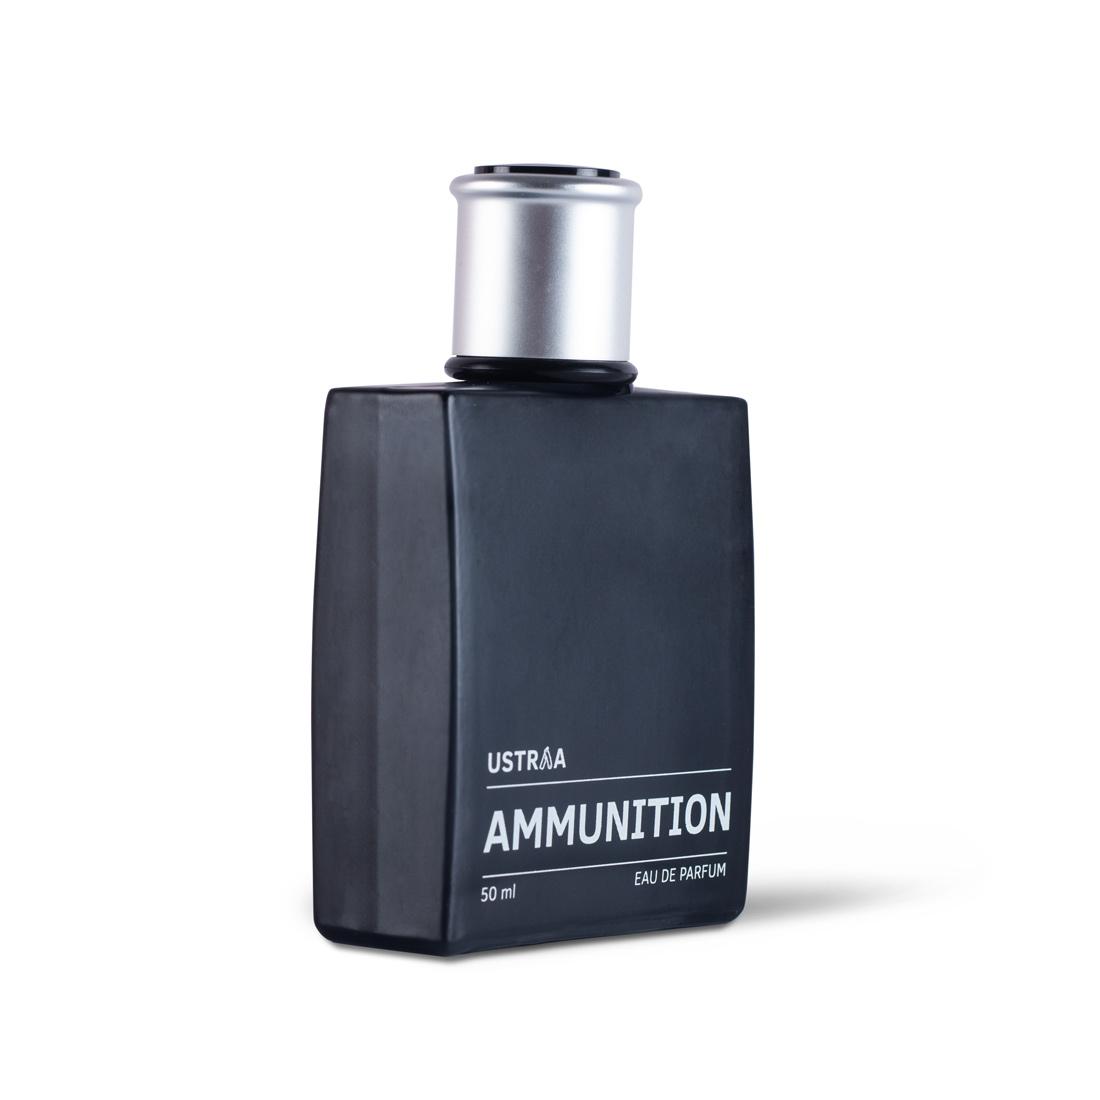 Eau de Parfum - Ammunition (50 ml)